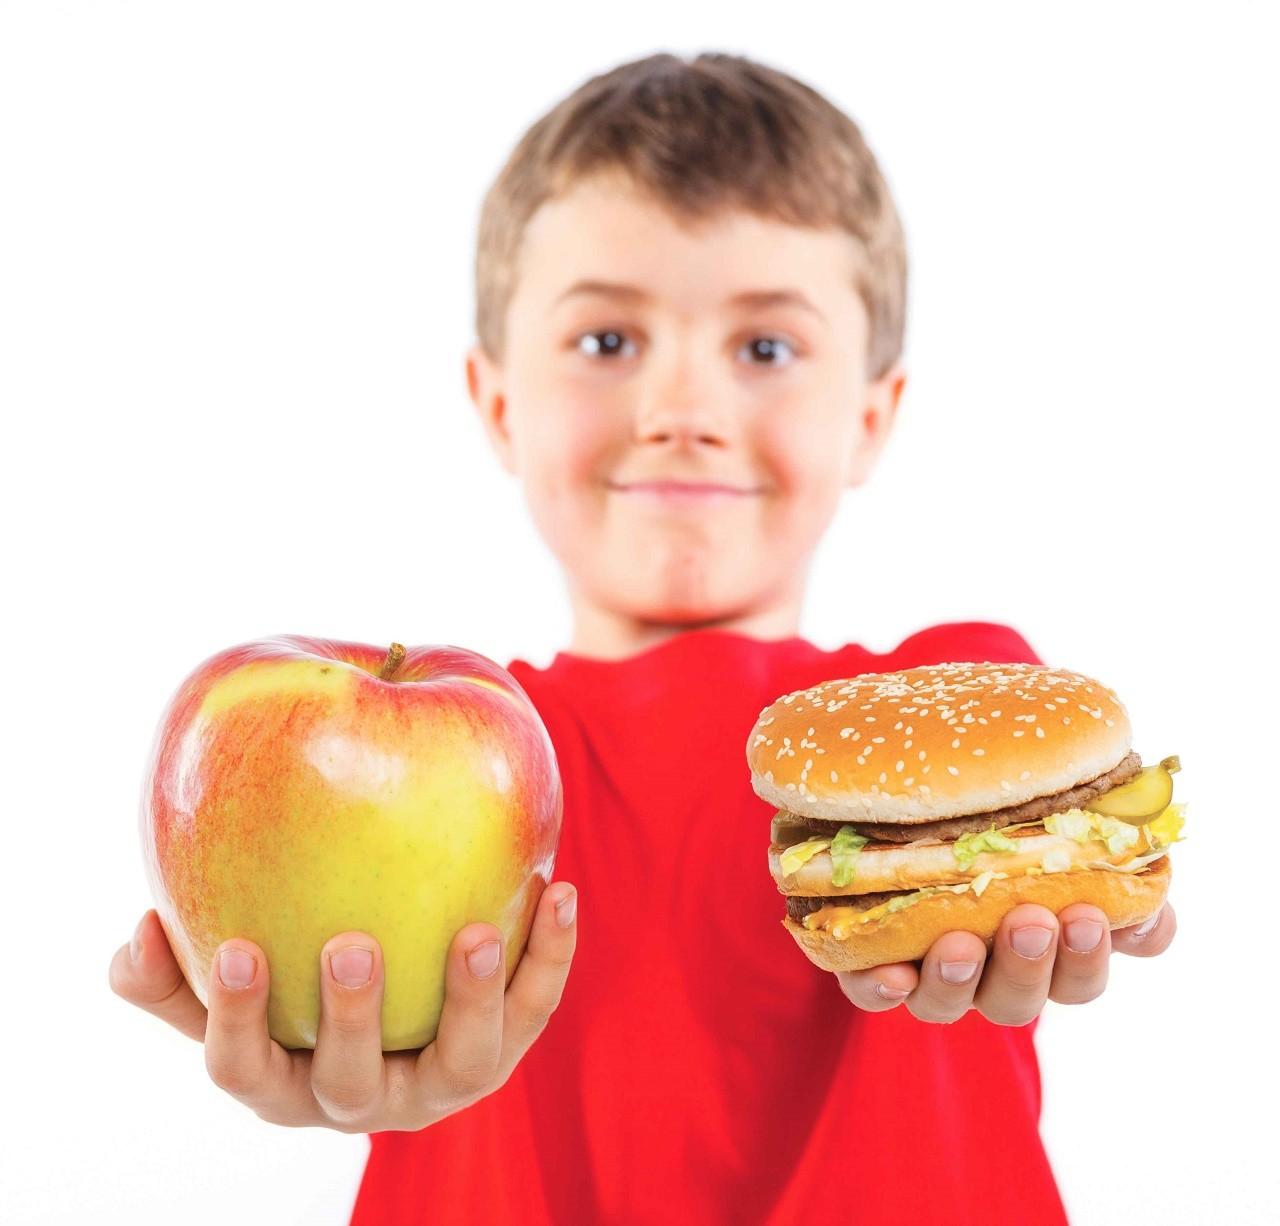 Дети сыроеды. Как уберечь от вредной еды?